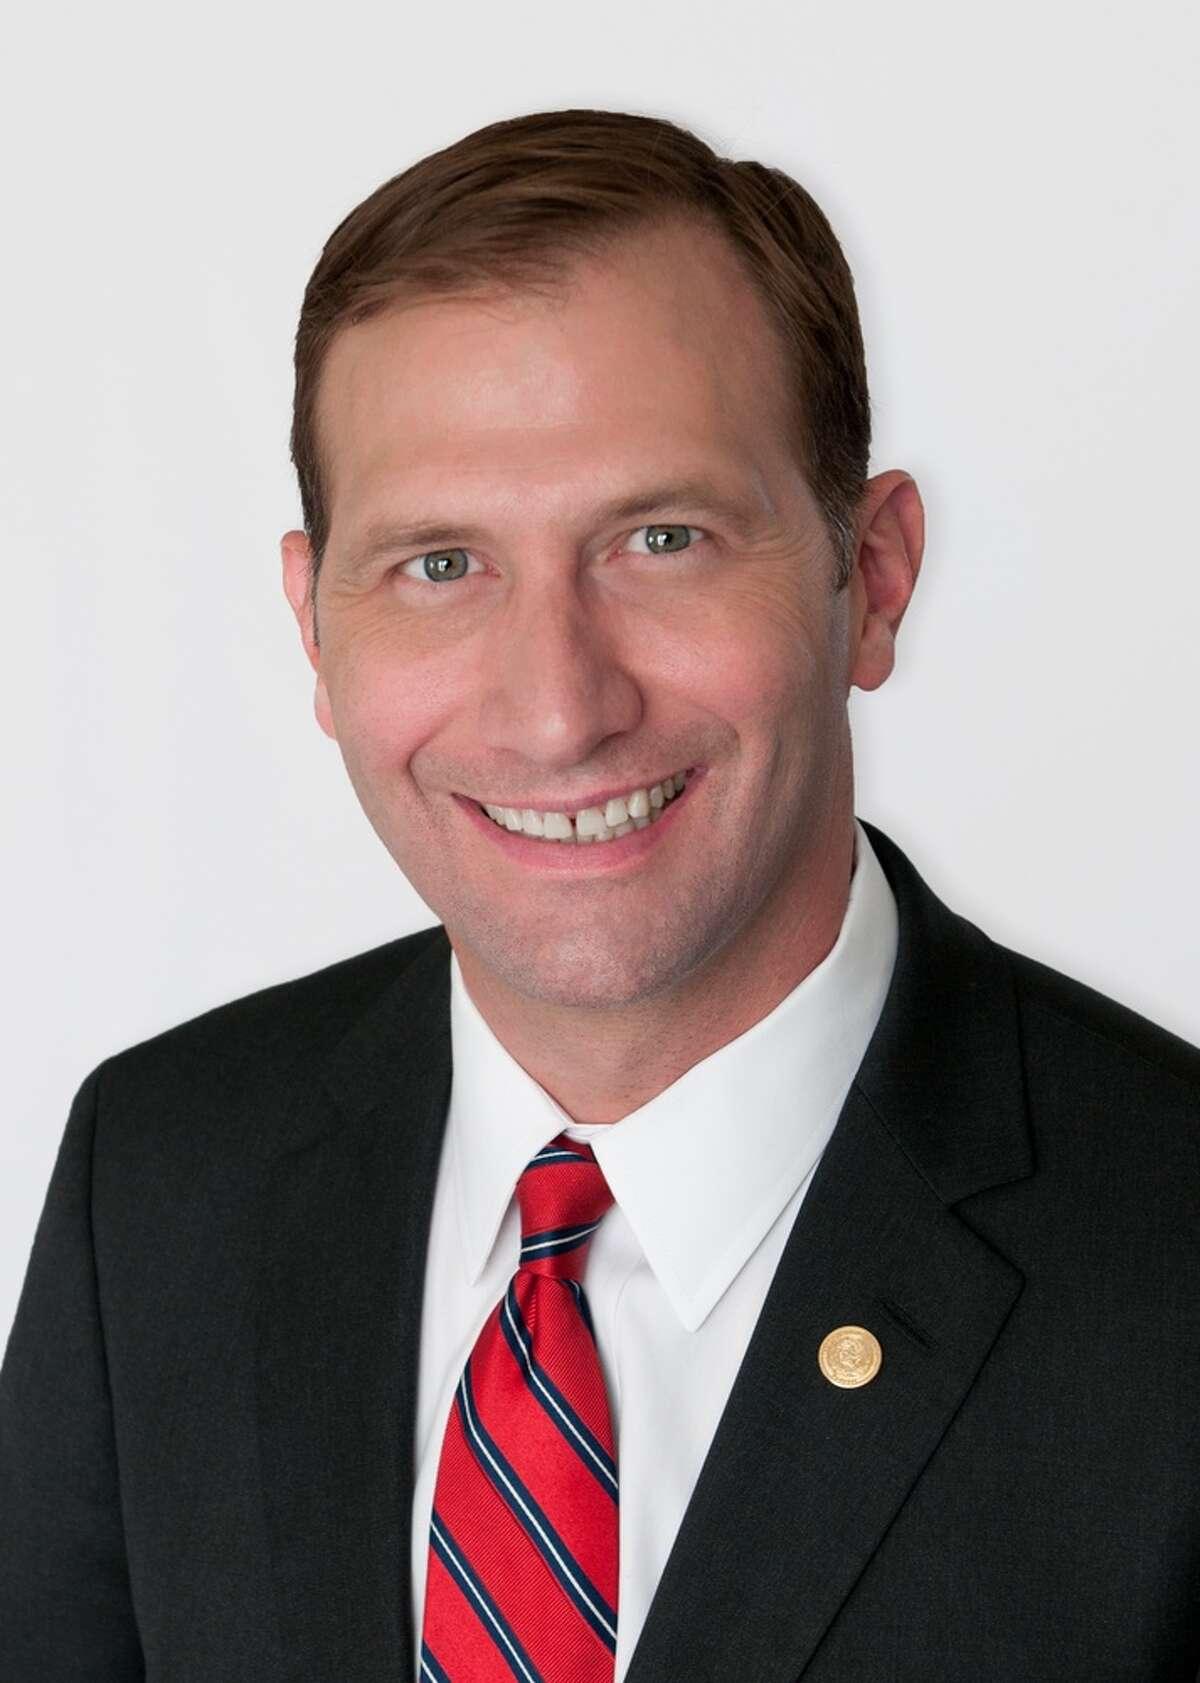 State Sen. Charles Schwertner